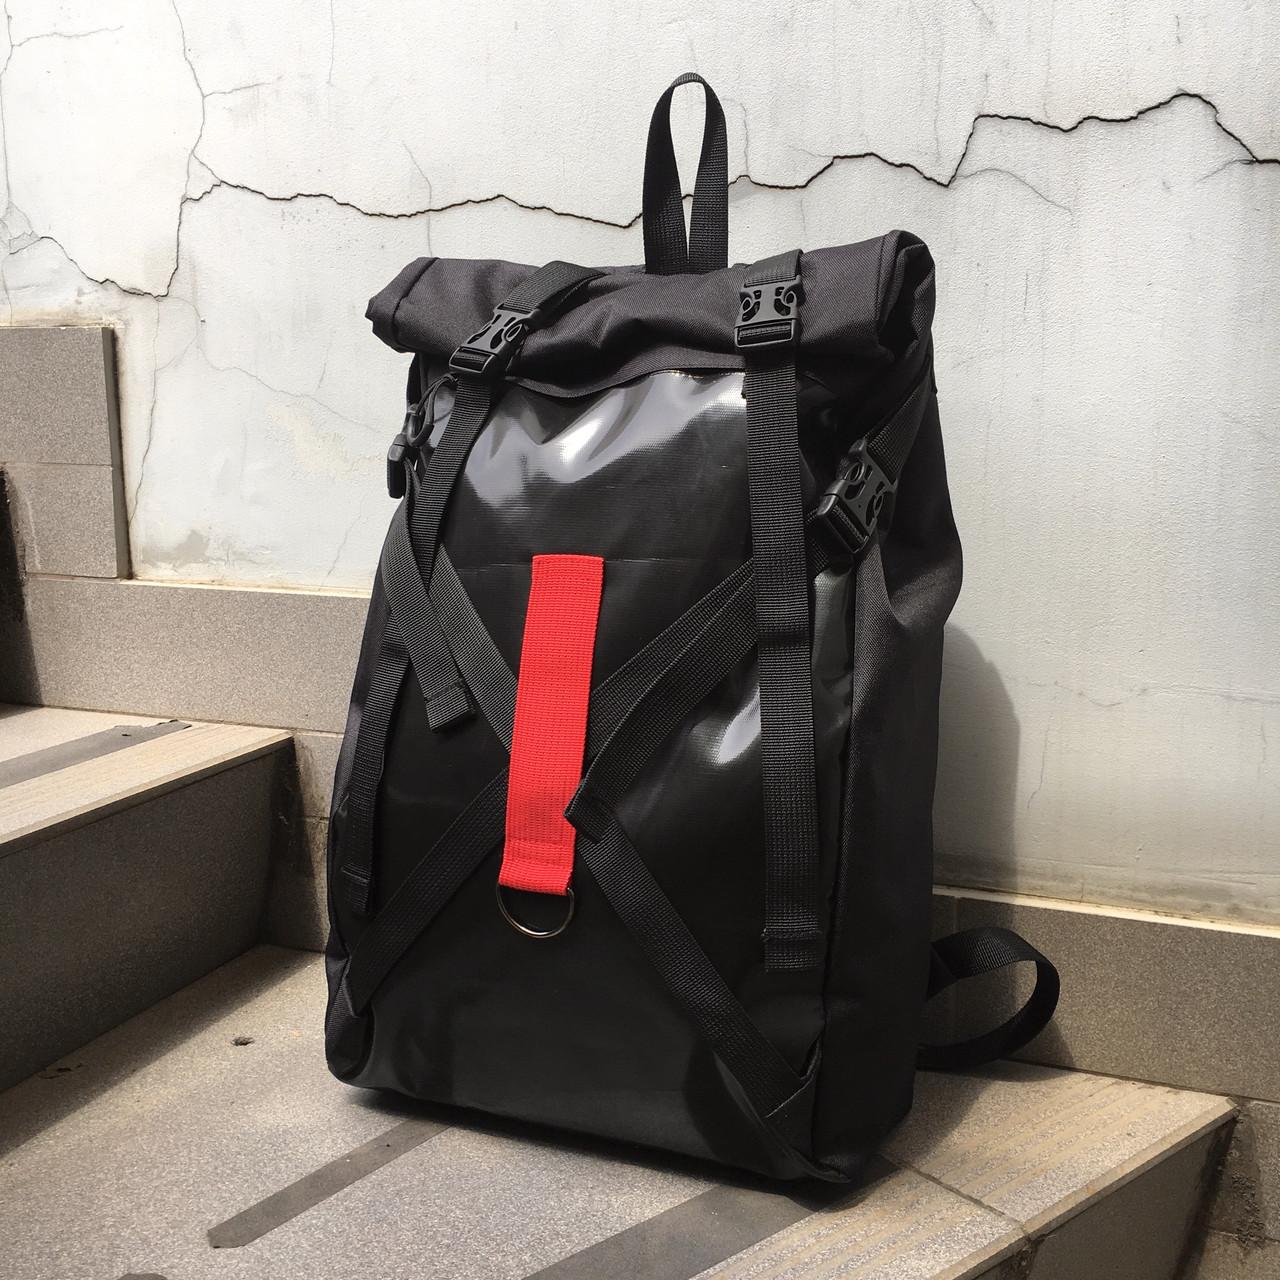 Рюкзак роллтоп чёрного цвета бренд ТУР модель Джекс